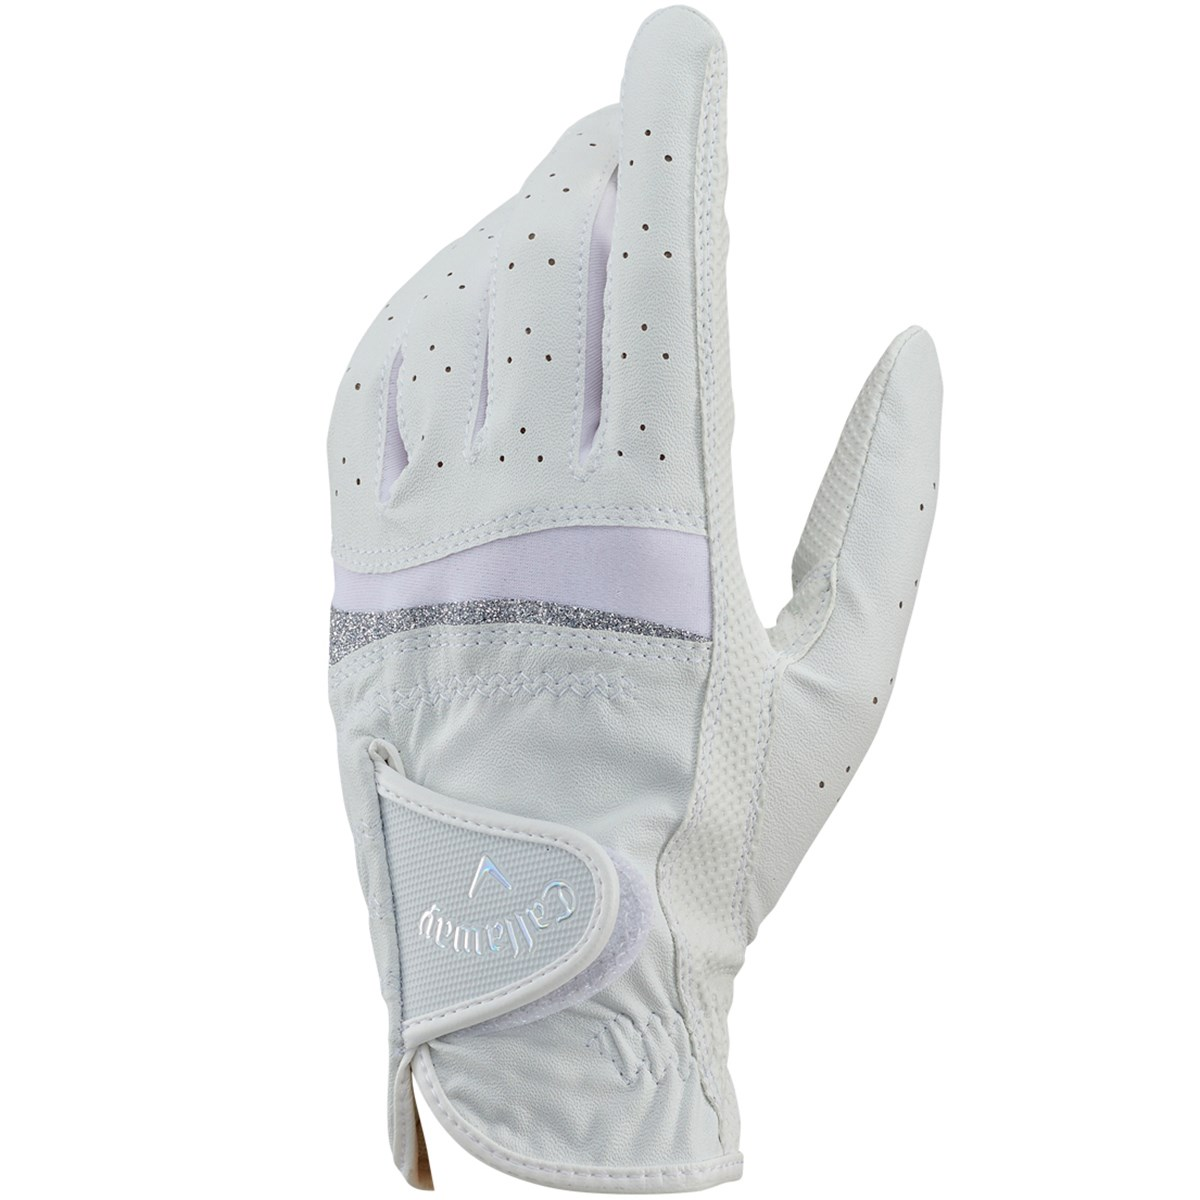 キャロウェイゴルフ Callaway Golf STYLE JM グローブ 21cm 左手着用(右利き用) ホワイト/シルバー レディス